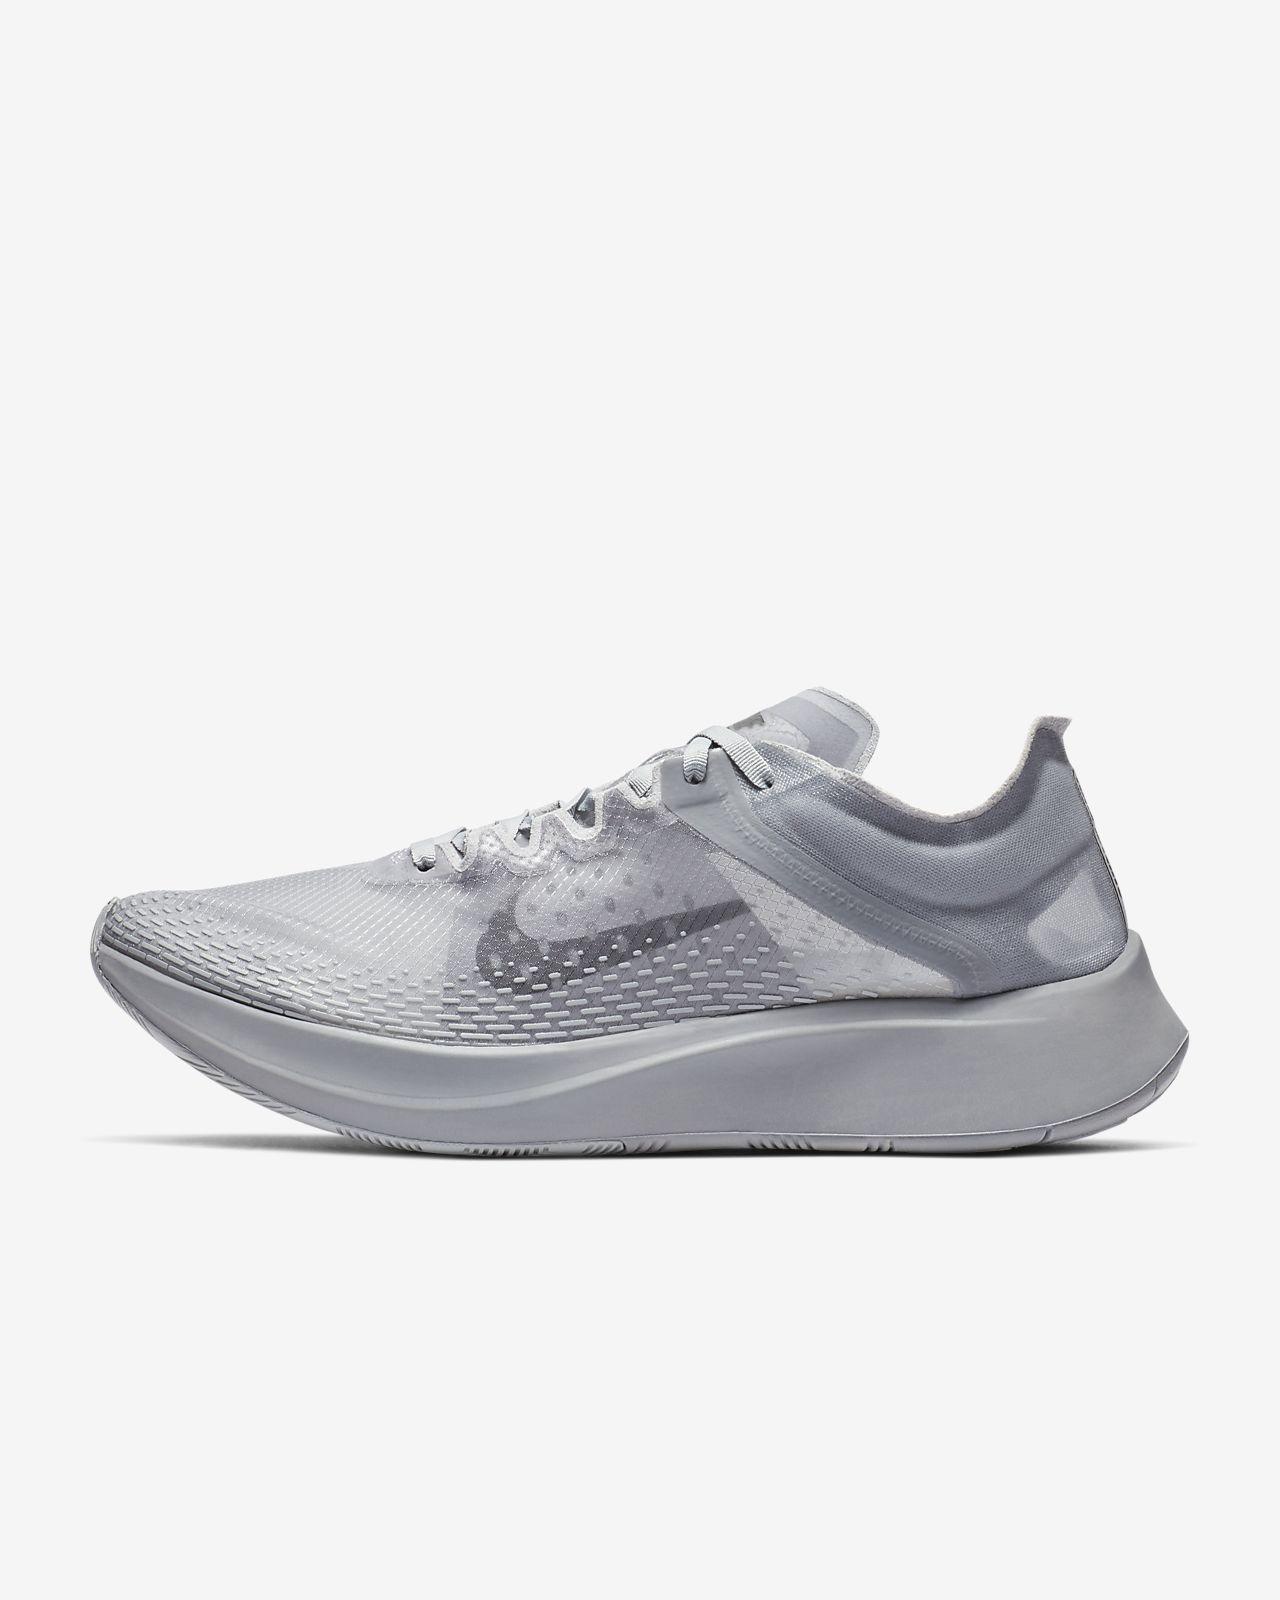 1fdab27bfed Nike Zoom Fly SP Fast Unisex Running Shoe. Nike.com NO